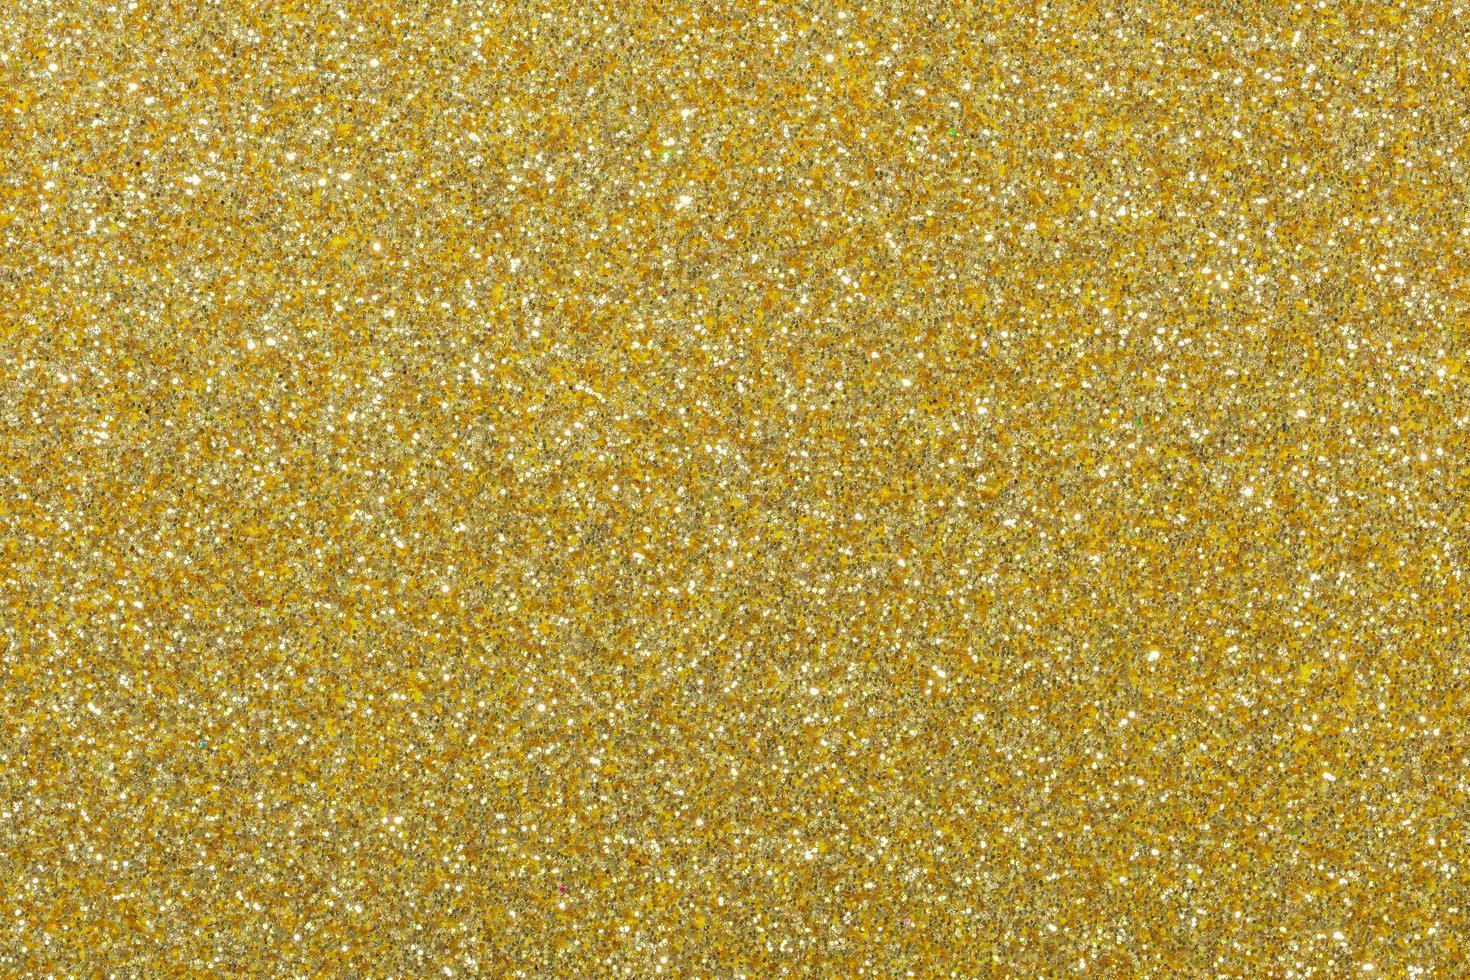 sfondo di carta glitter oro scuro foto